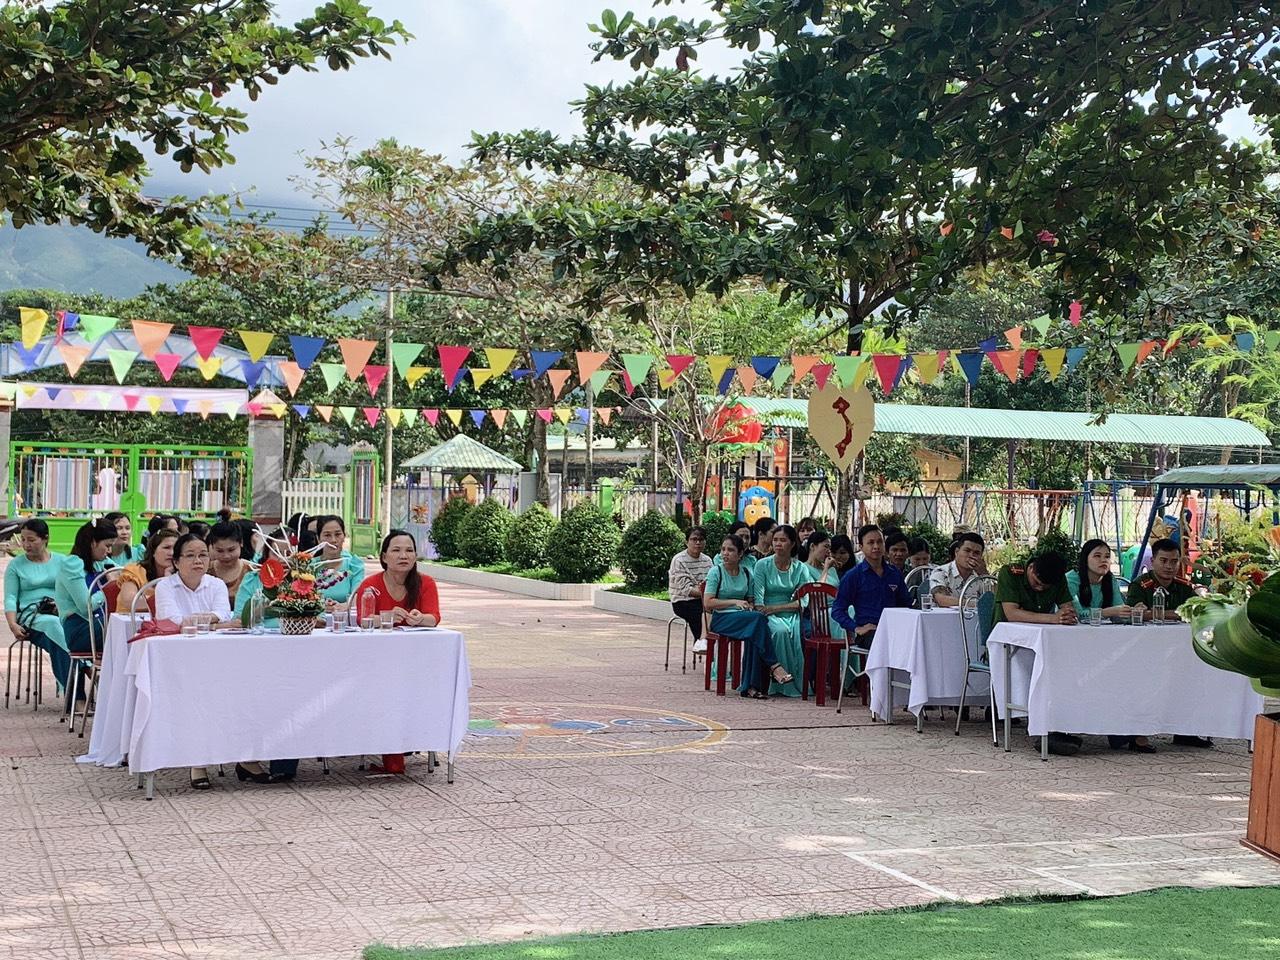 Sinh hoạt kỷ niệm 38 năm ngày nhà giáo Việt Nam